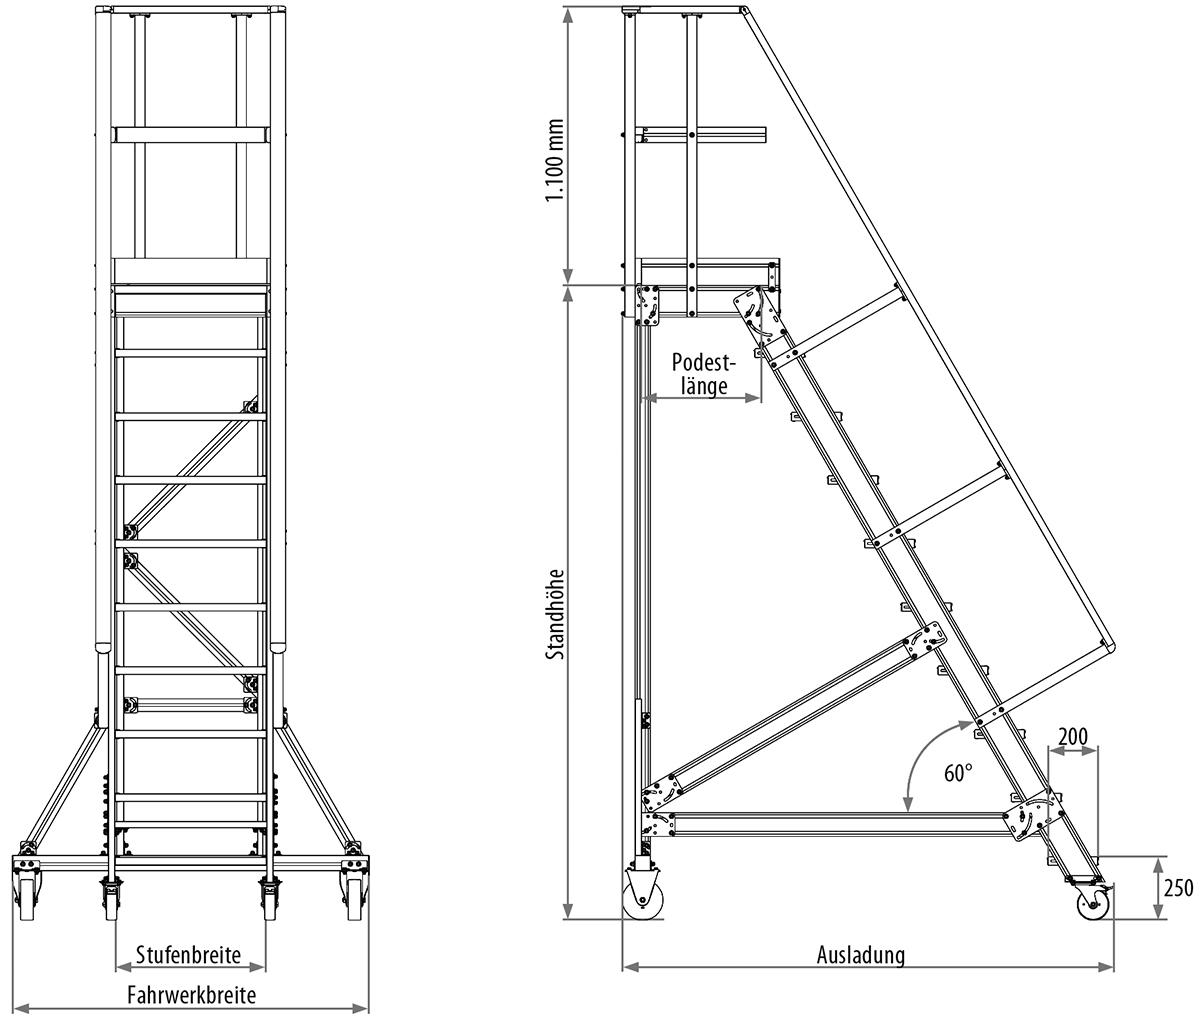 Hymer Podesttreppe fahrbar 60° 4 Stufen - 600 mm breit